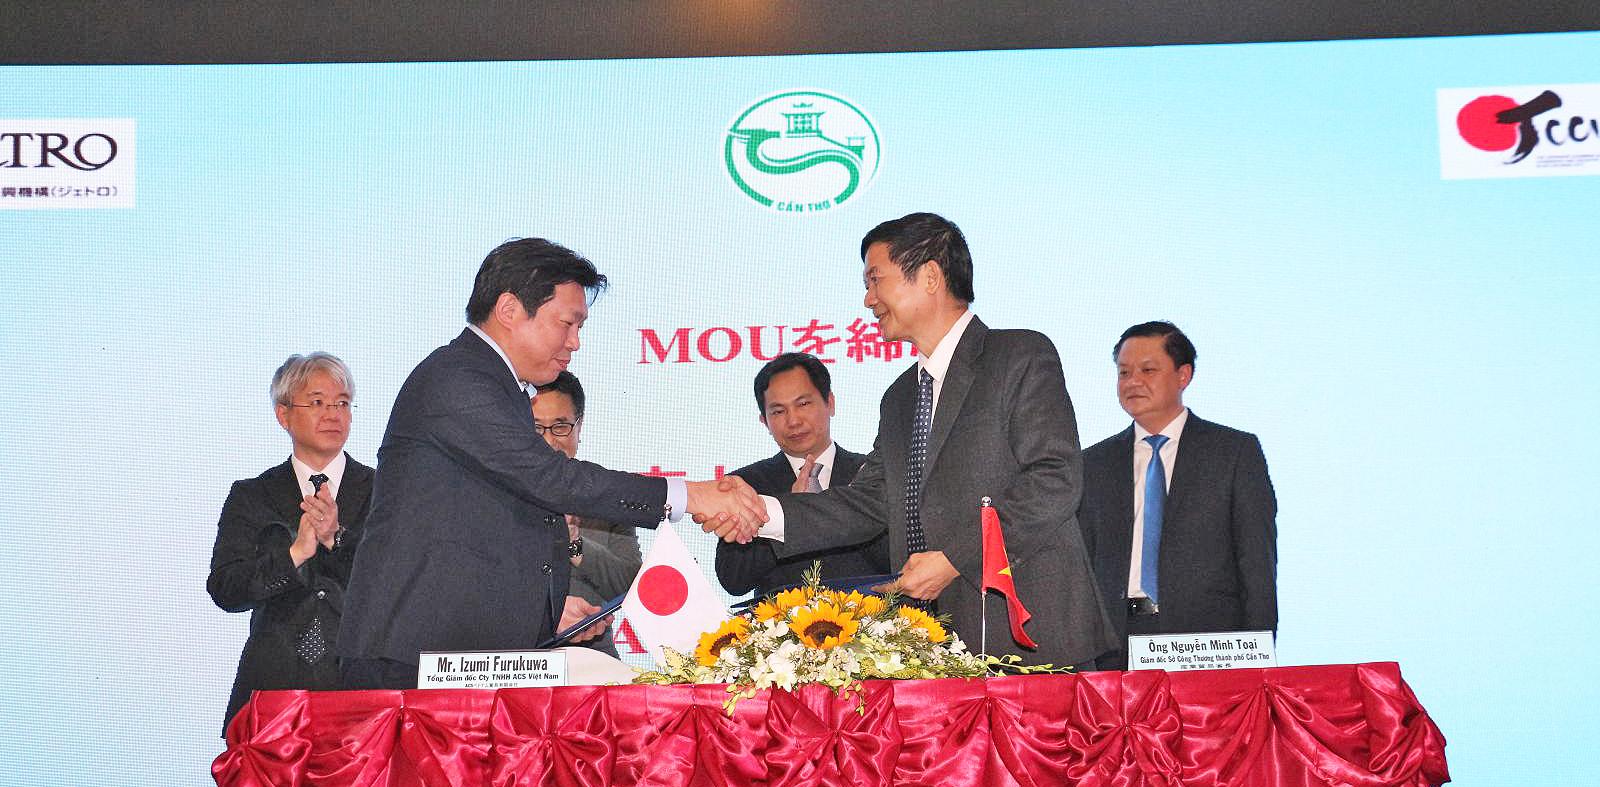 Ký kết MOU giữa Sở Công Thương thành phố và Công ty TNHH TM ACS Việt Nam về hợp tác triển khai chương trình hỗ trợ mua trang thiết bị, máy móc và vật tư nông nghiệp nhằm phát triển sản xuất nông sản chất lượng cao.